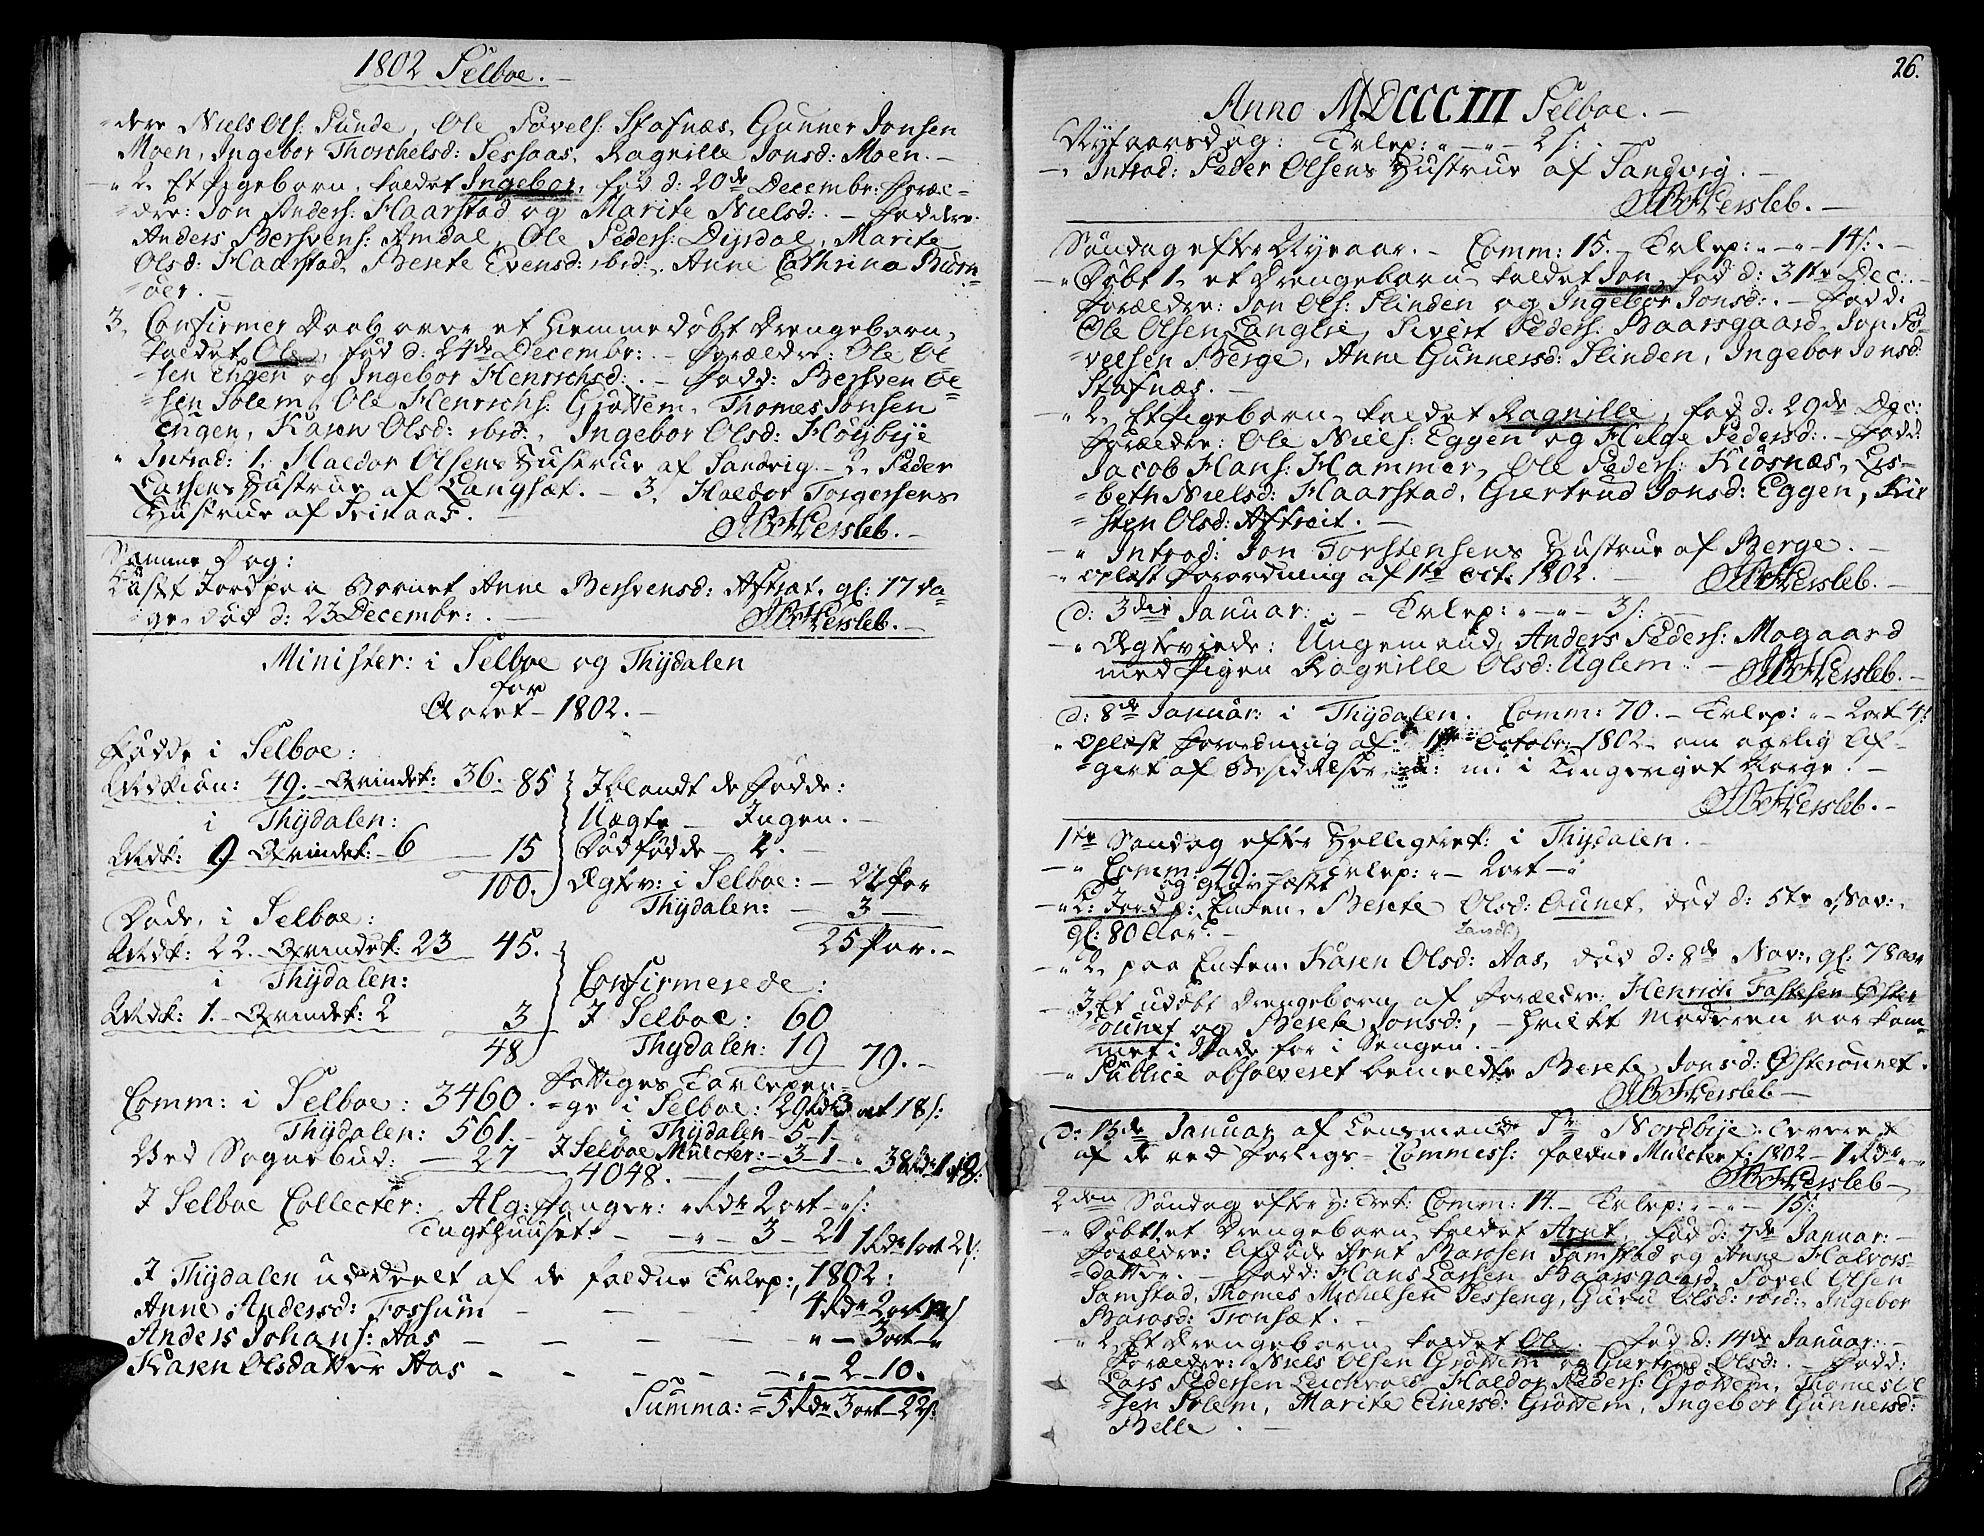 SAT, Ministerialprotokoller, klokkerbøker og fødselsregistre - Sør-Trøndelag, 695/L1140: Ministerialbok nr. 695A03, 1801-1815, s. 26